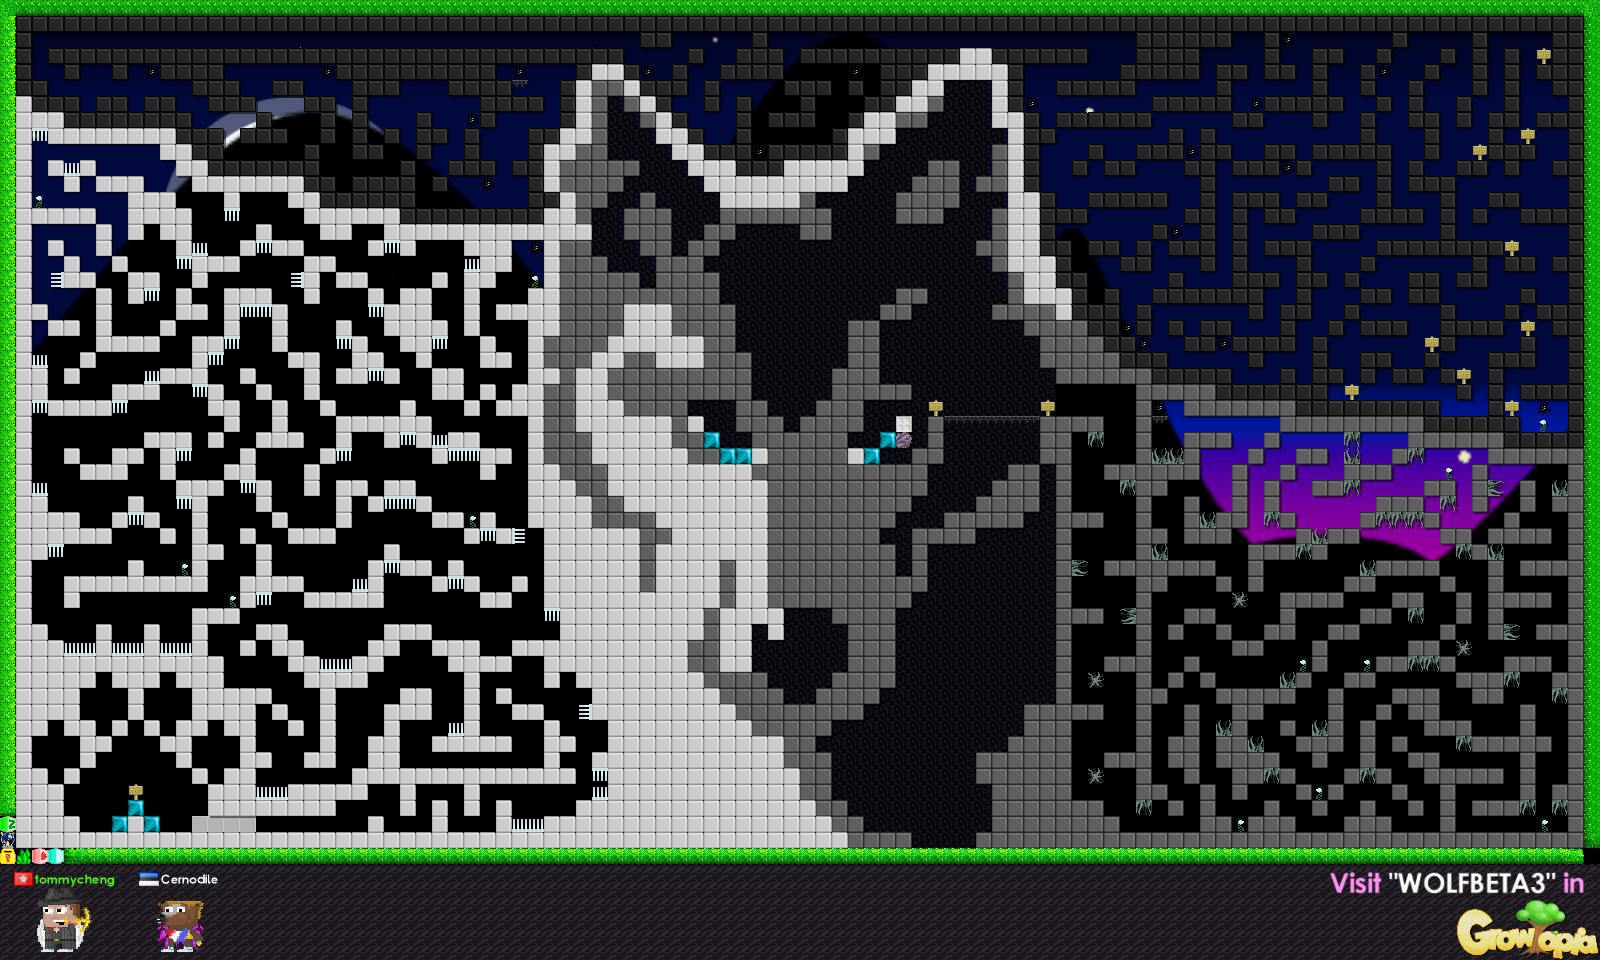 【world Replication Project】wolfworld